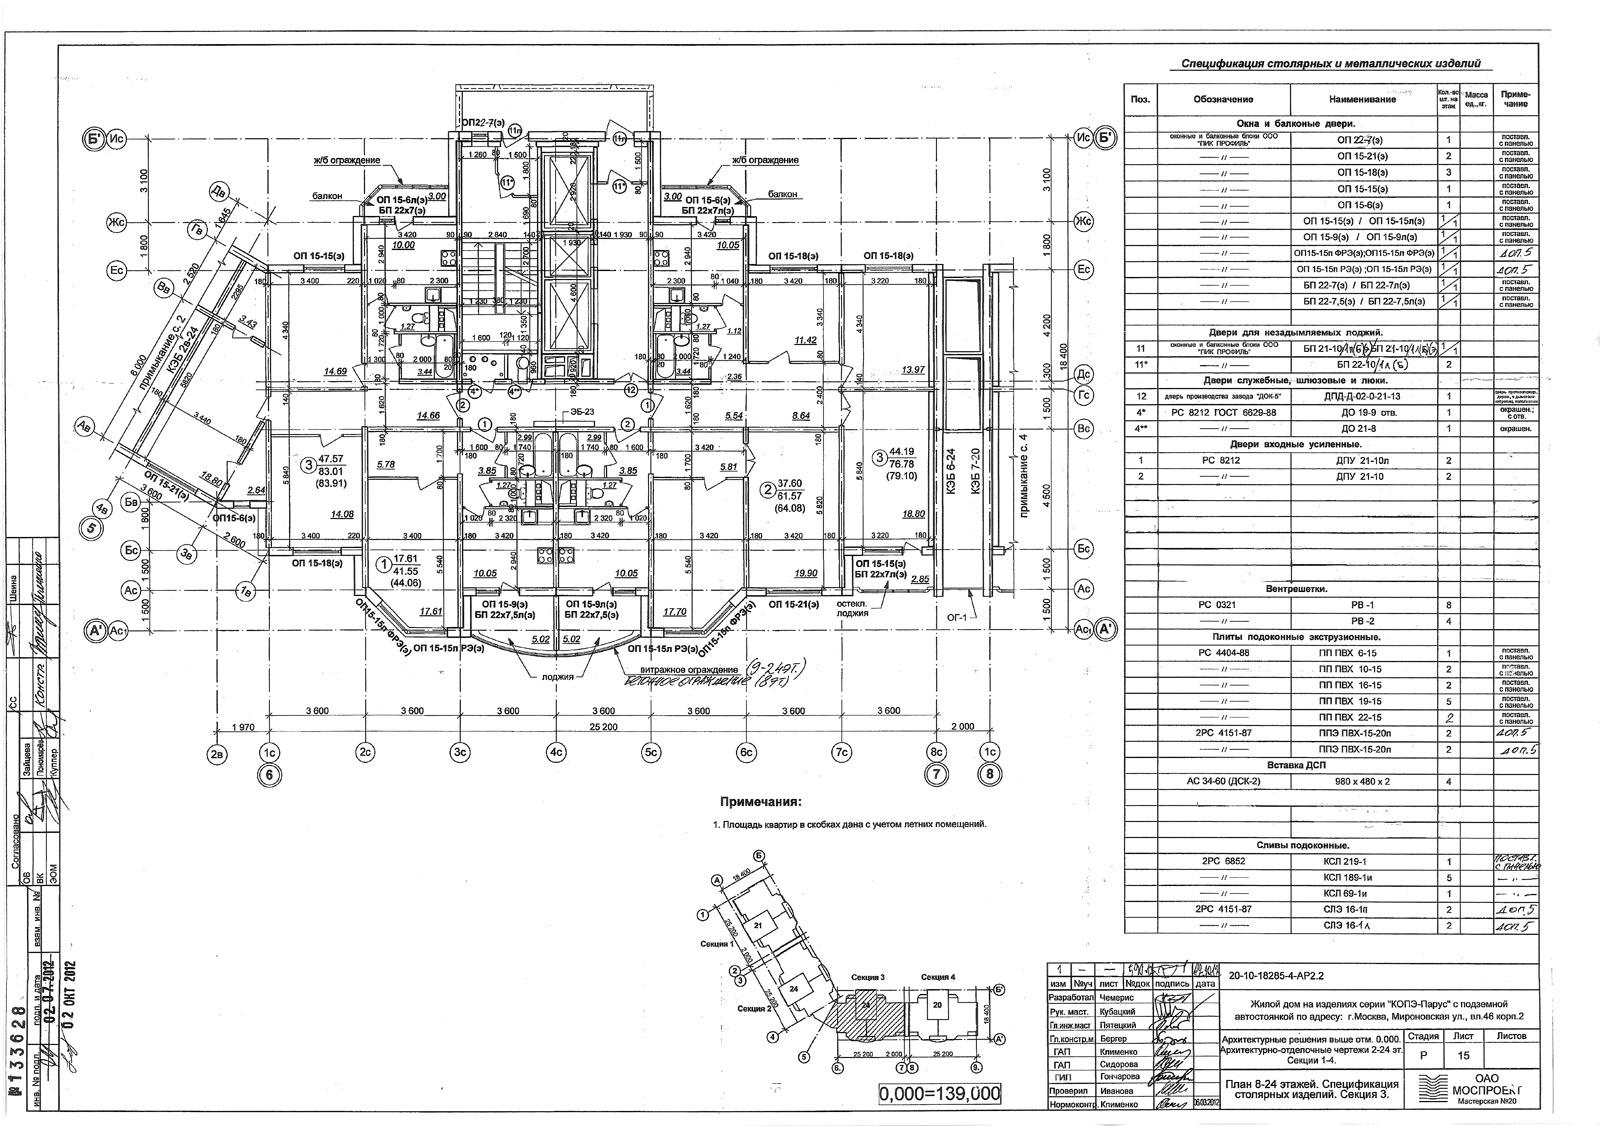 Копэ парус планировка с размерами балконов.